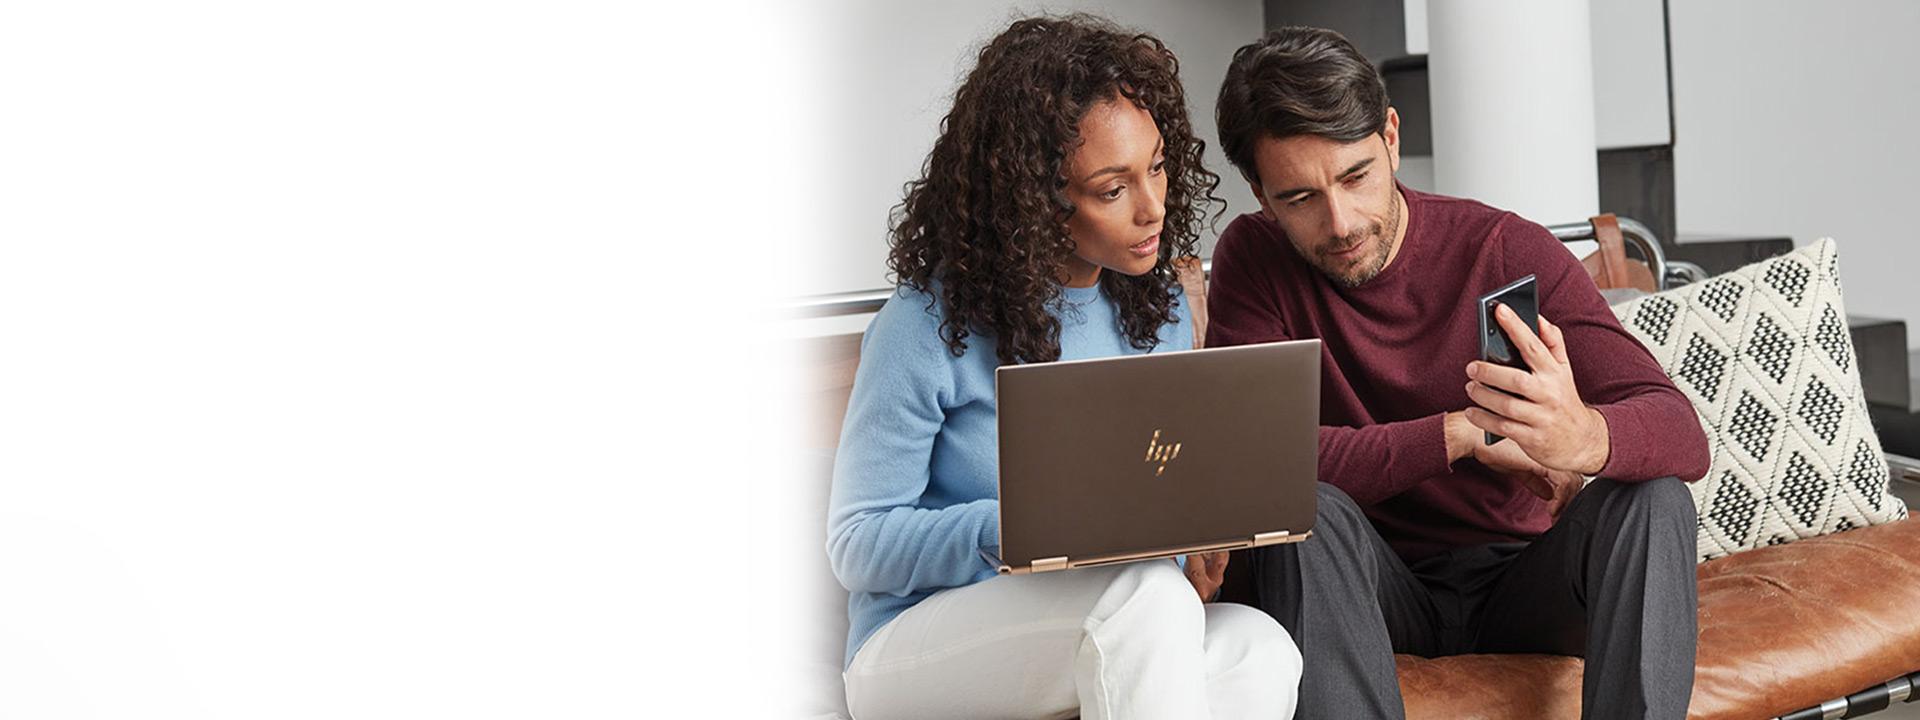 Una mujer y un hombre, sentados en un sofá, miran juntos un portátil Windows 10 y dispositivo móvil